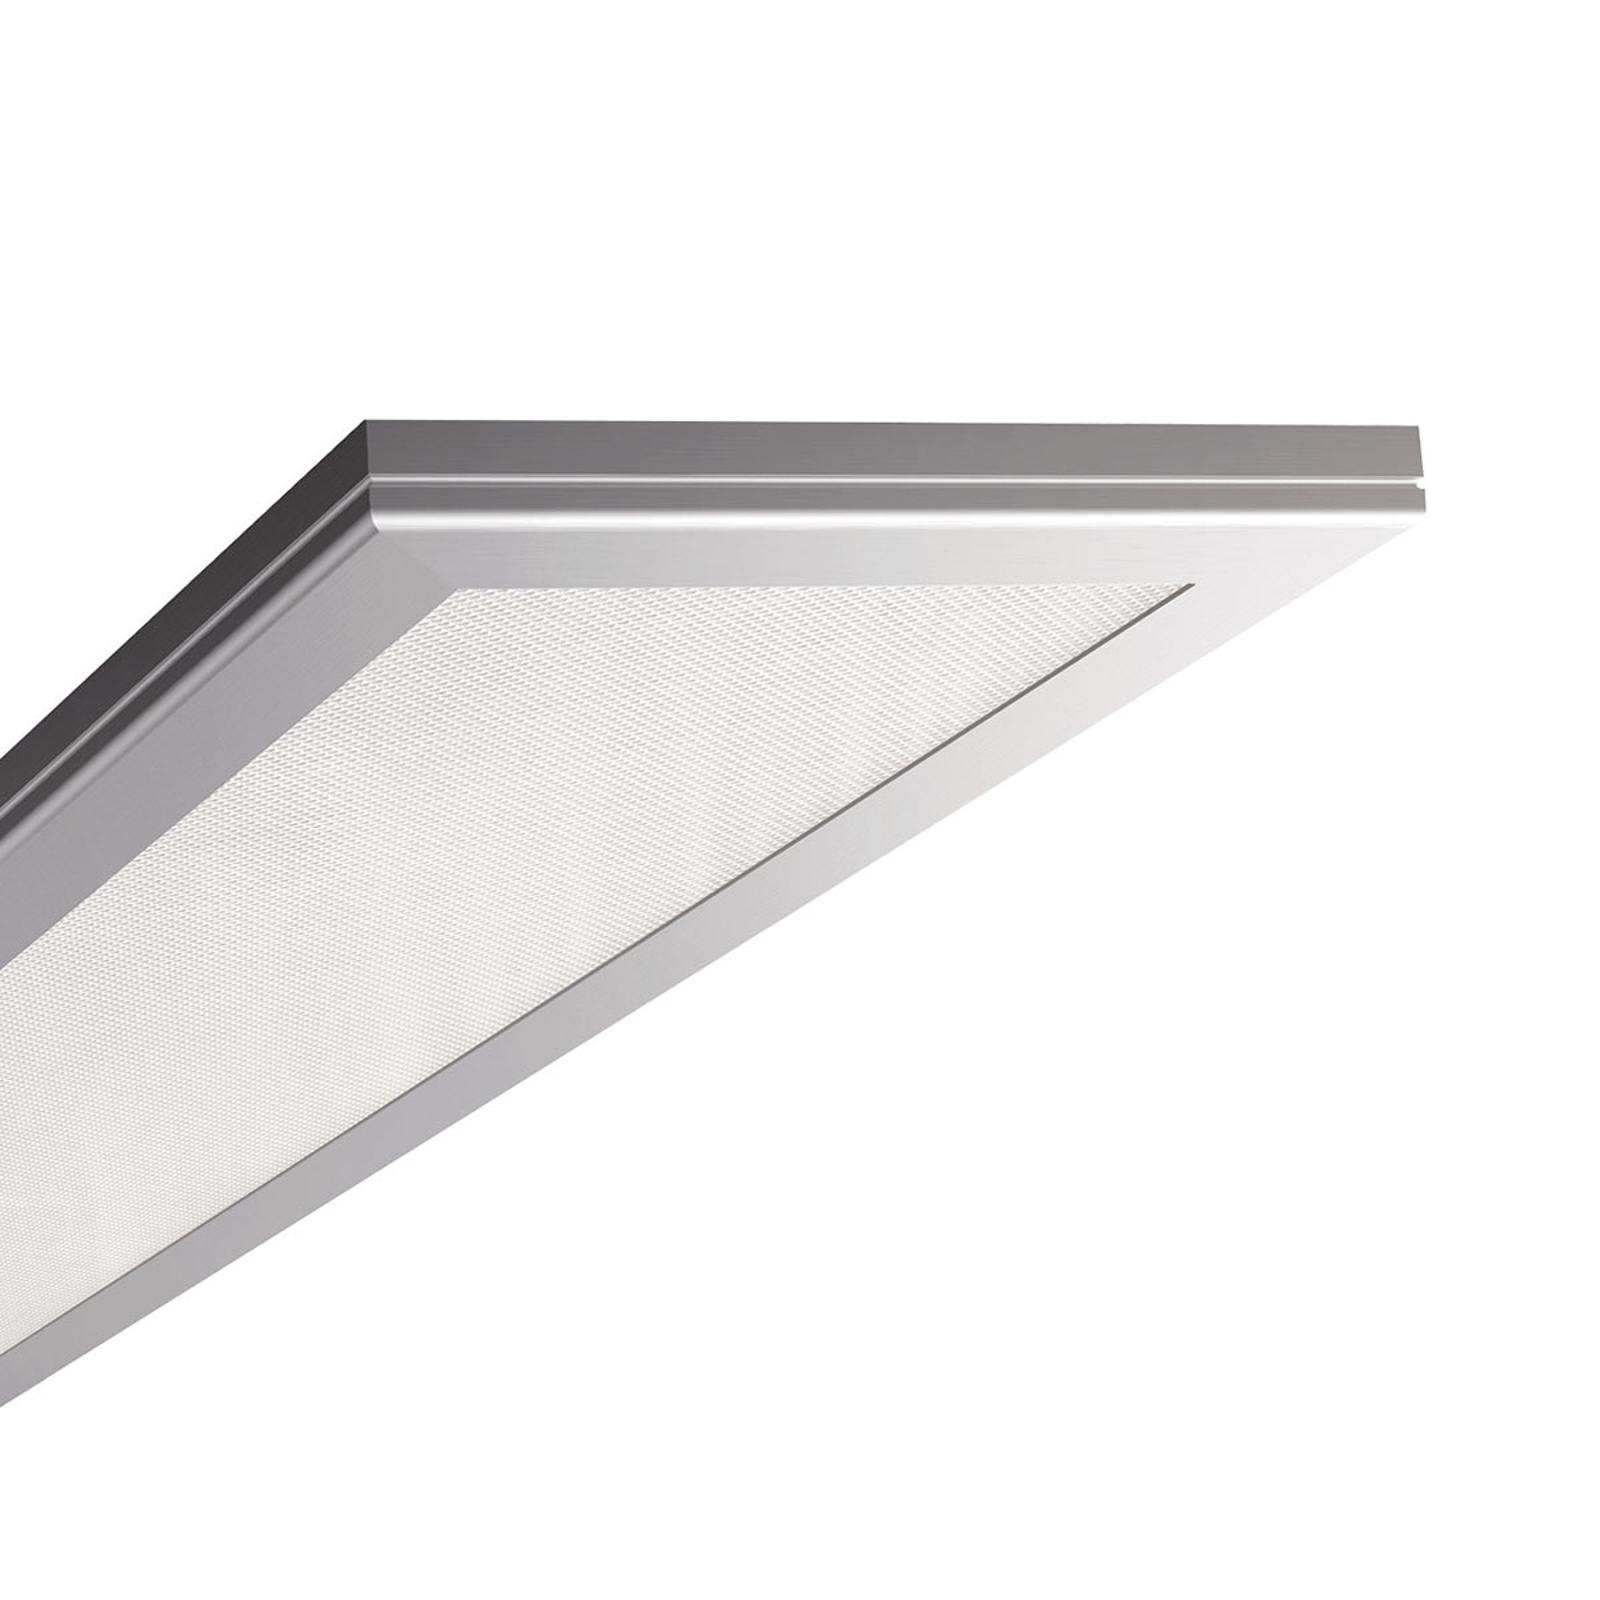 Mikroprismatisk LED-taklampe Visula BAP 120